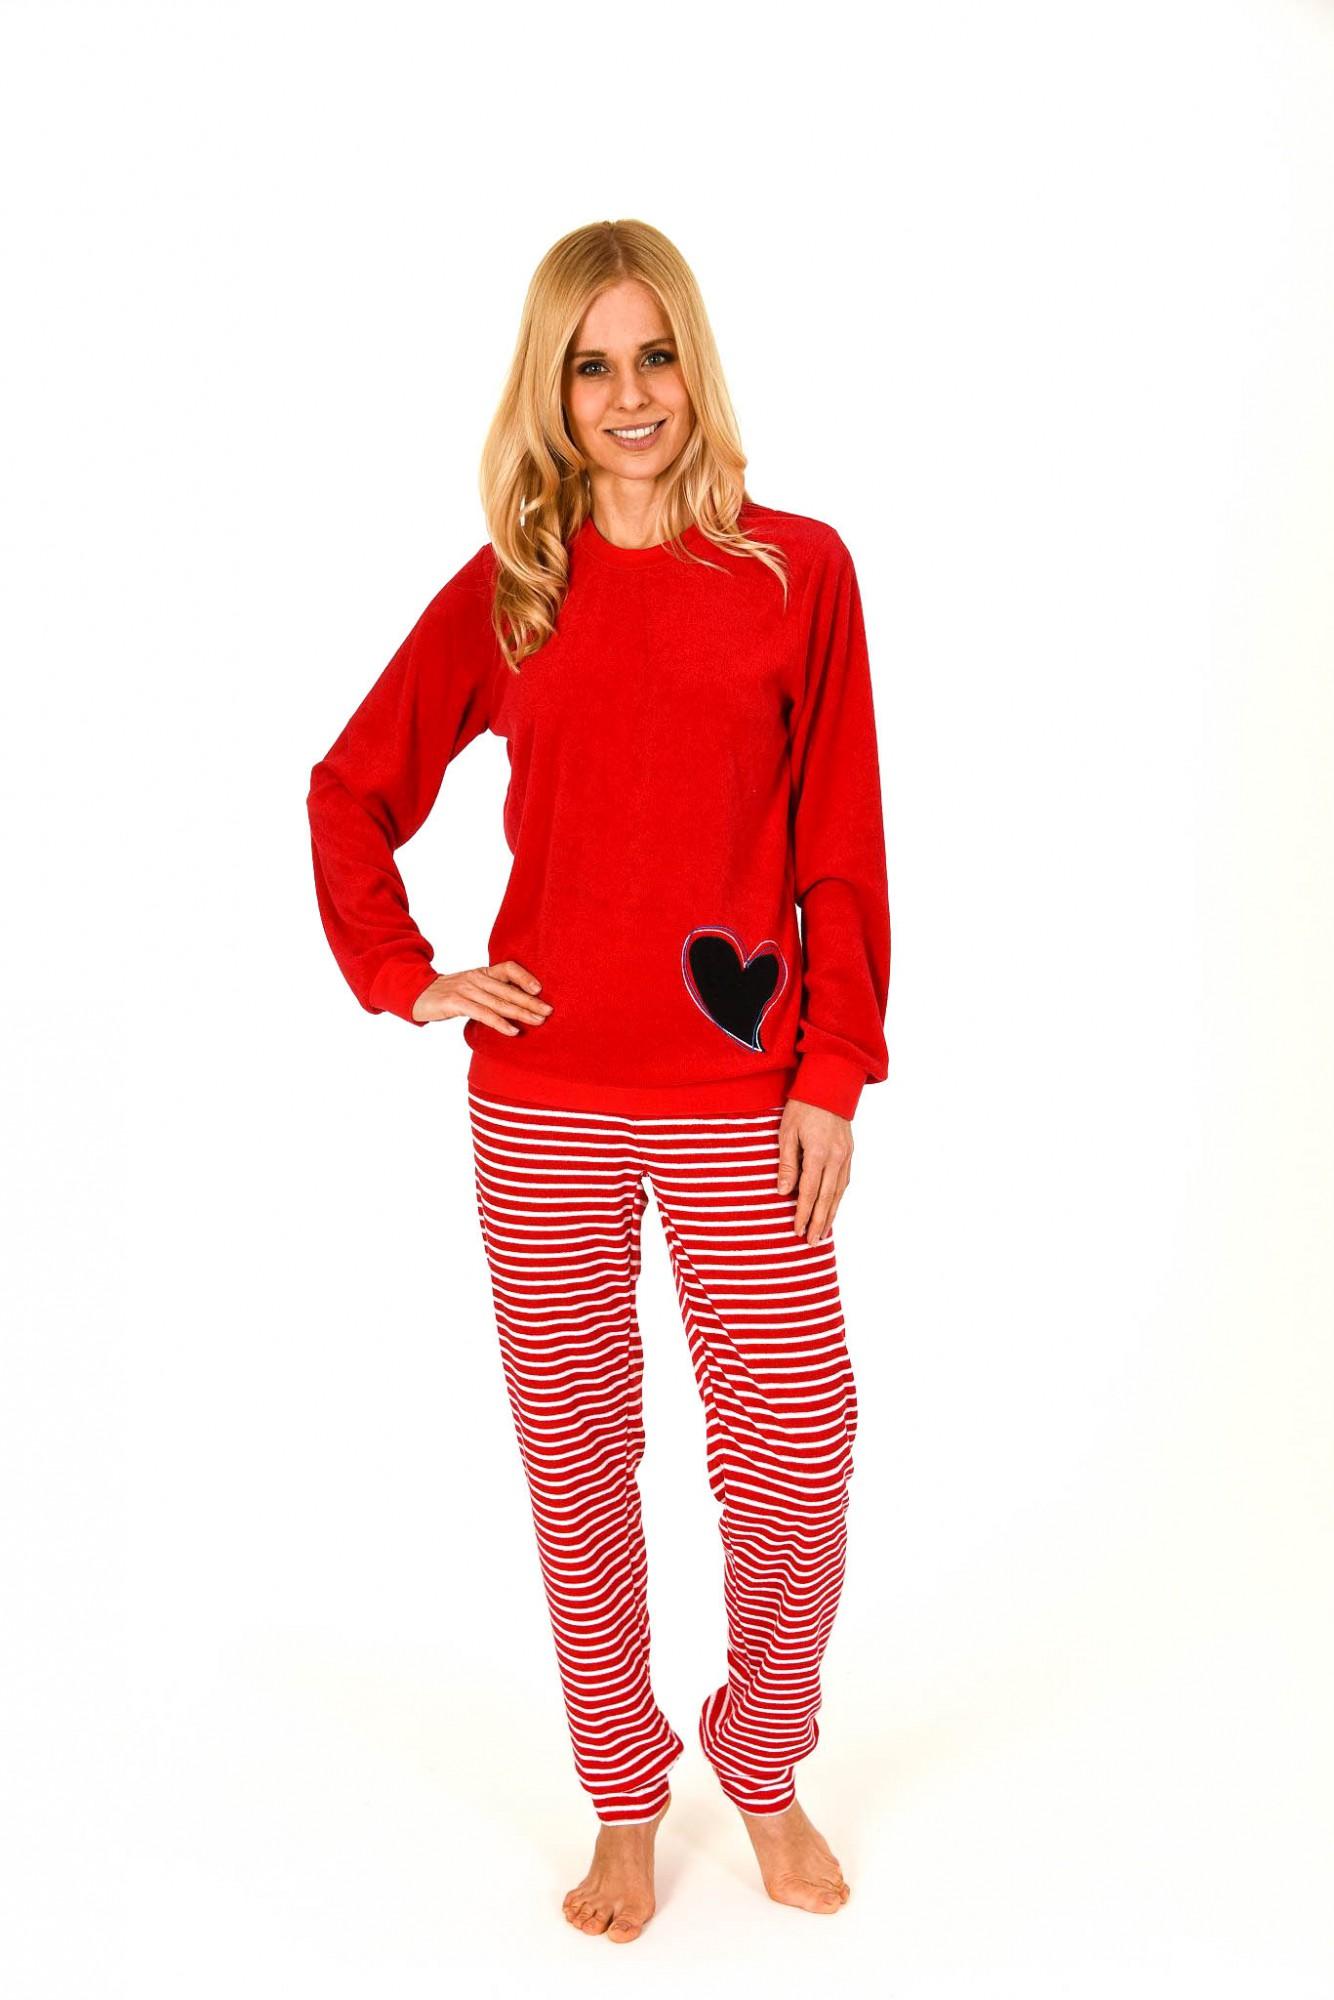 Damen Frottee Pyjama lang mit Bündchen und Herzapplikation – 261 201 93 242